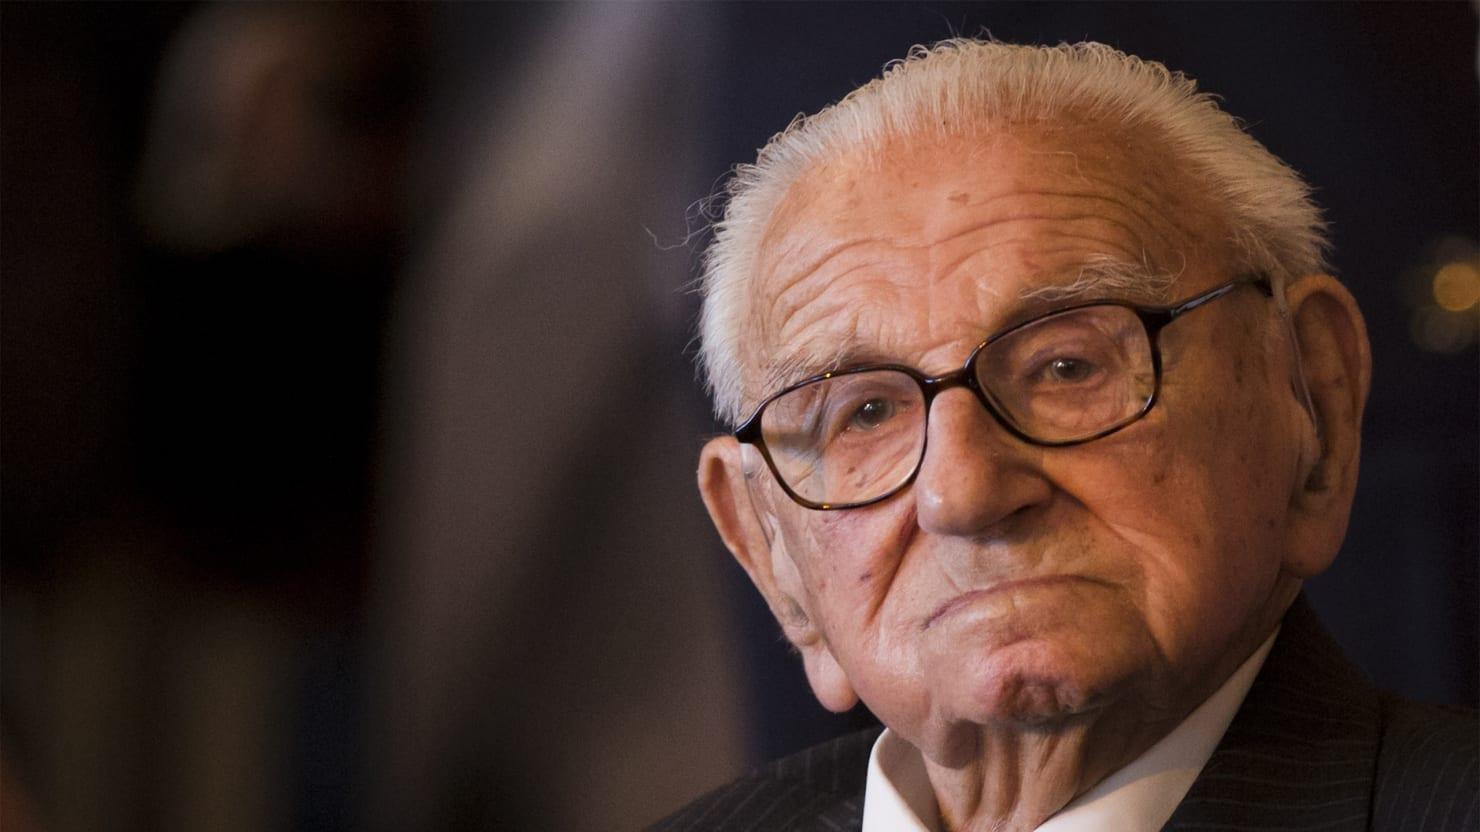 'British Schindler' Saved 669 Kids From Nazis